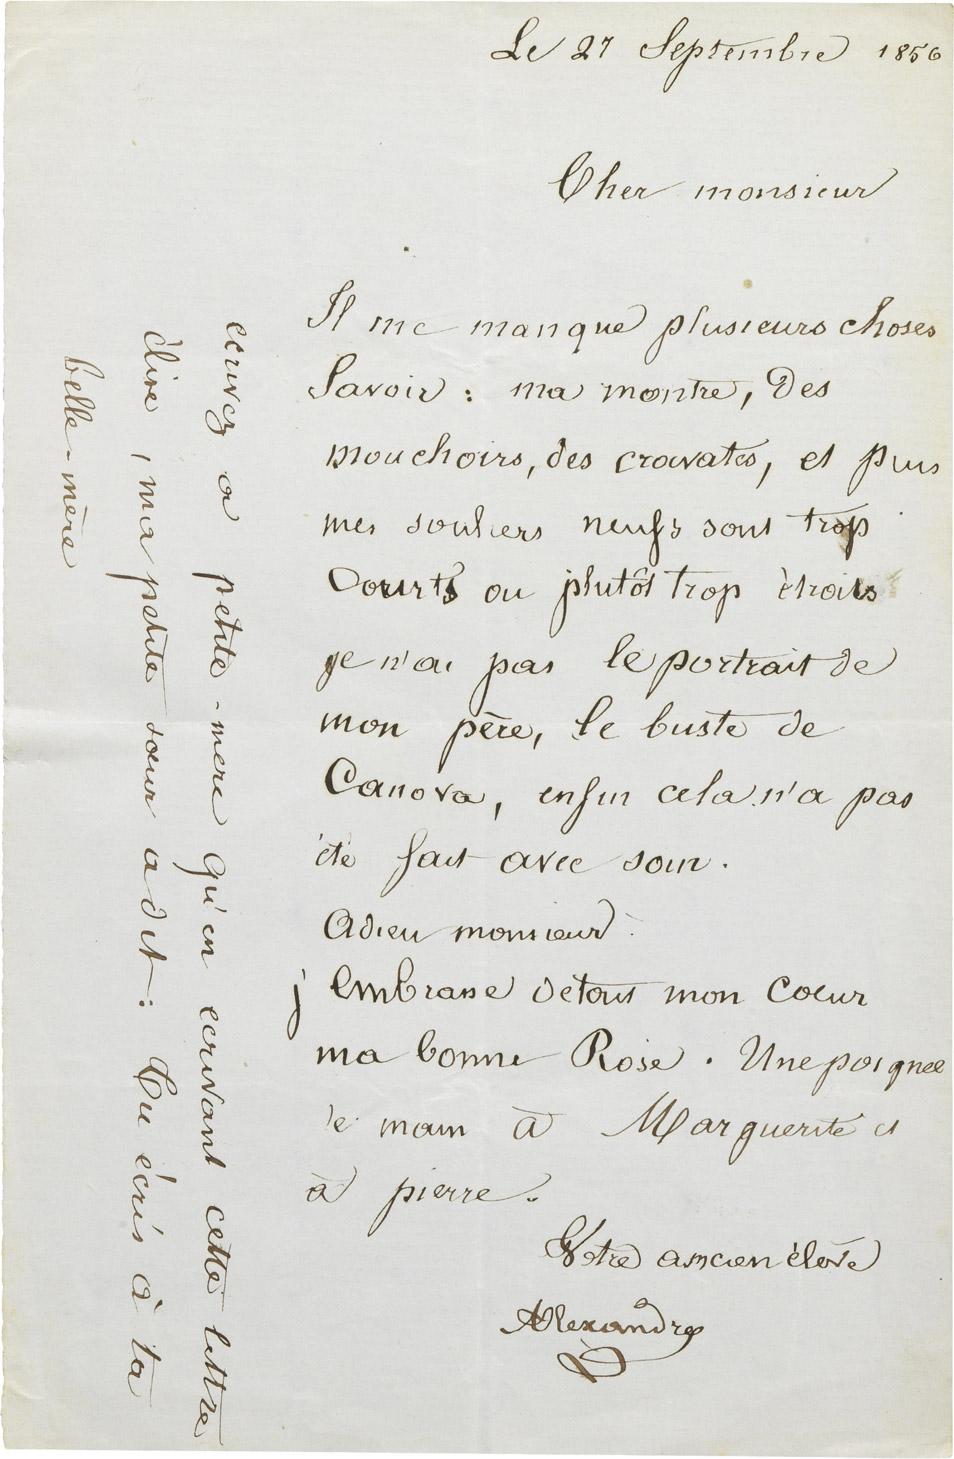 Lettre d'Alexandre II Walewski - Patrimoine Charles-André COLONNA WALEWSKI, en ligne directe de Napoléon